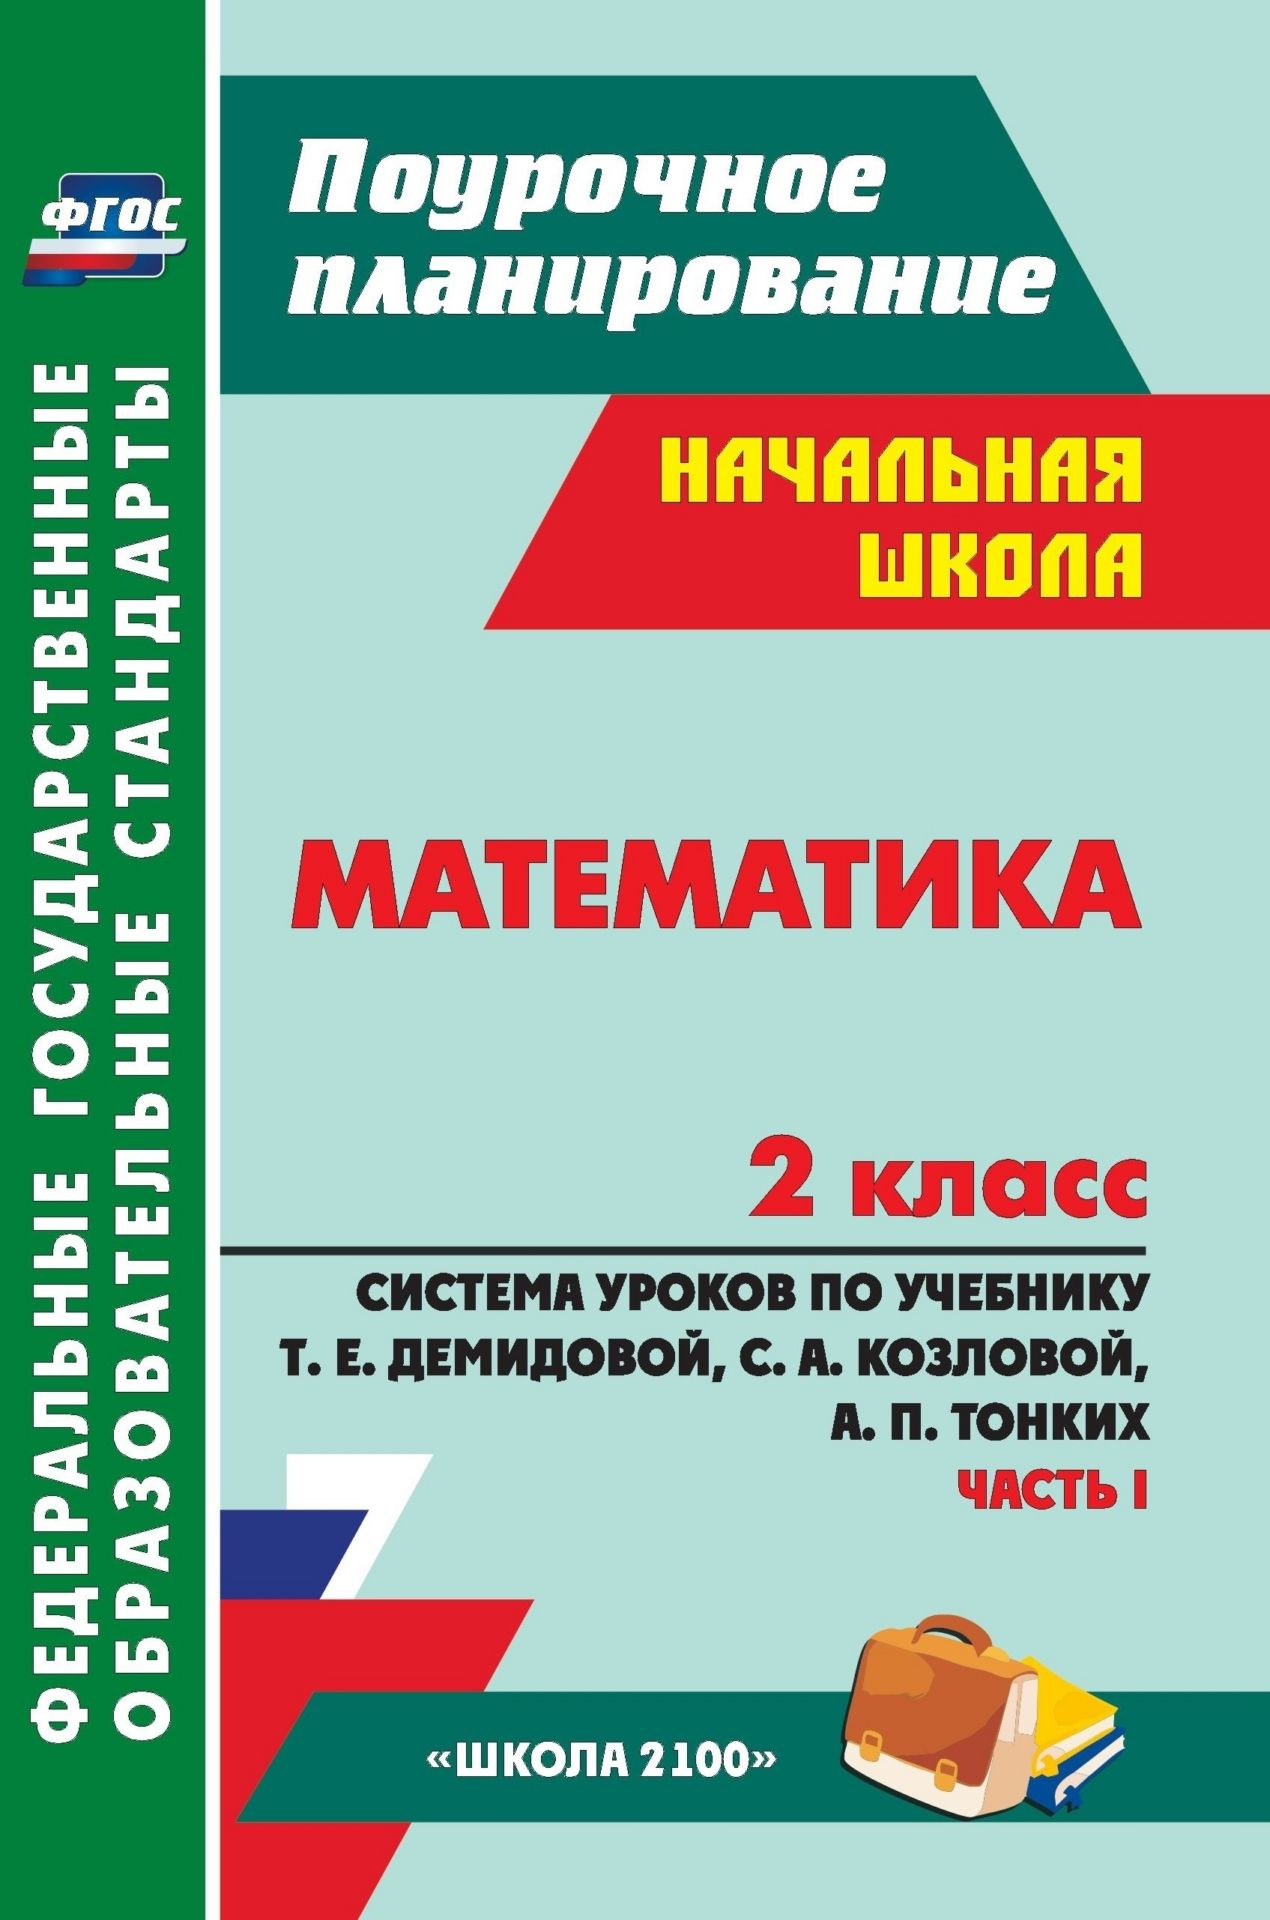 """Математика. 2 класс: система уроков по учебнику Т. Е. Демидовой, С. А. Козловой, А. П. Тонких. I часть. УМК """"Школа 2100"""""""